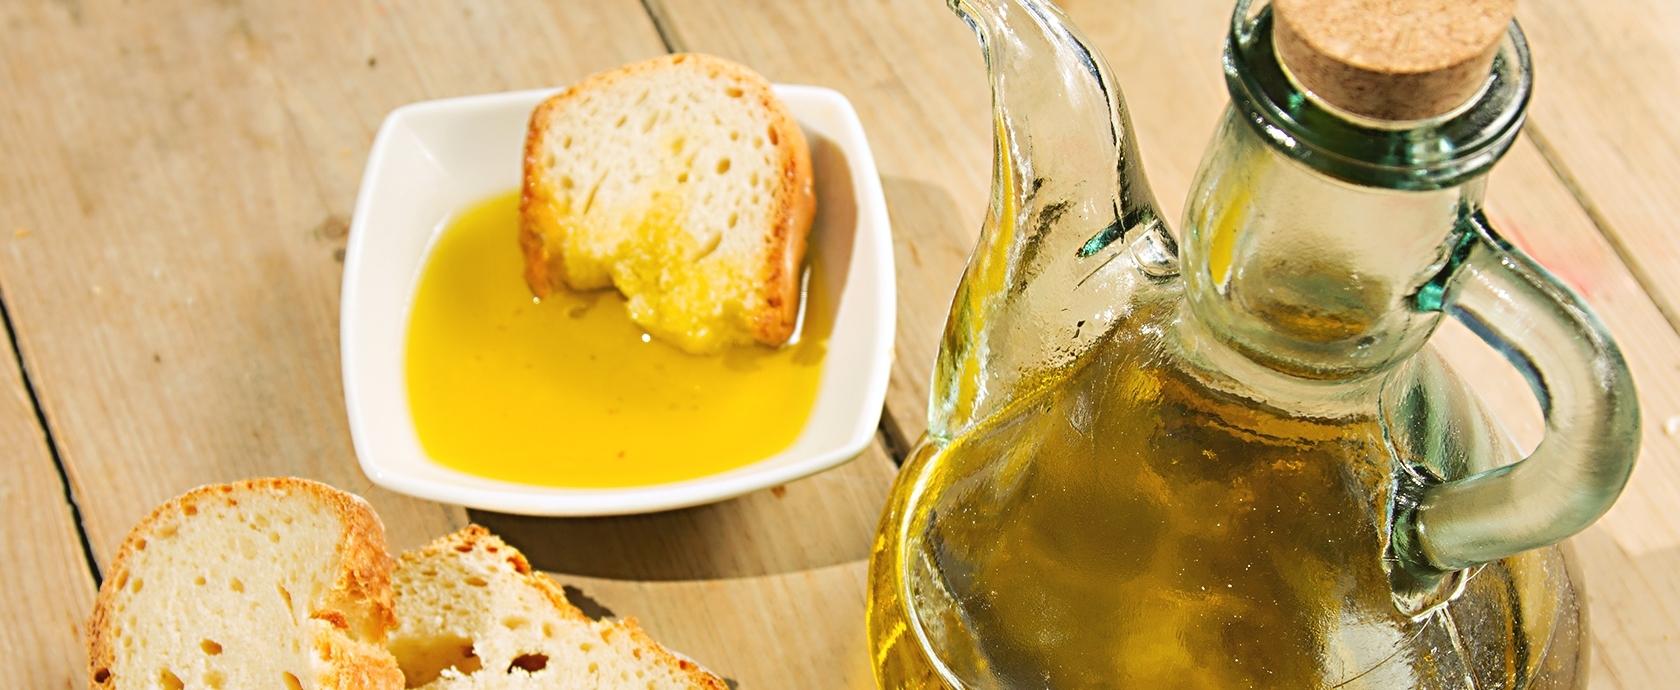 100% natural olive juice